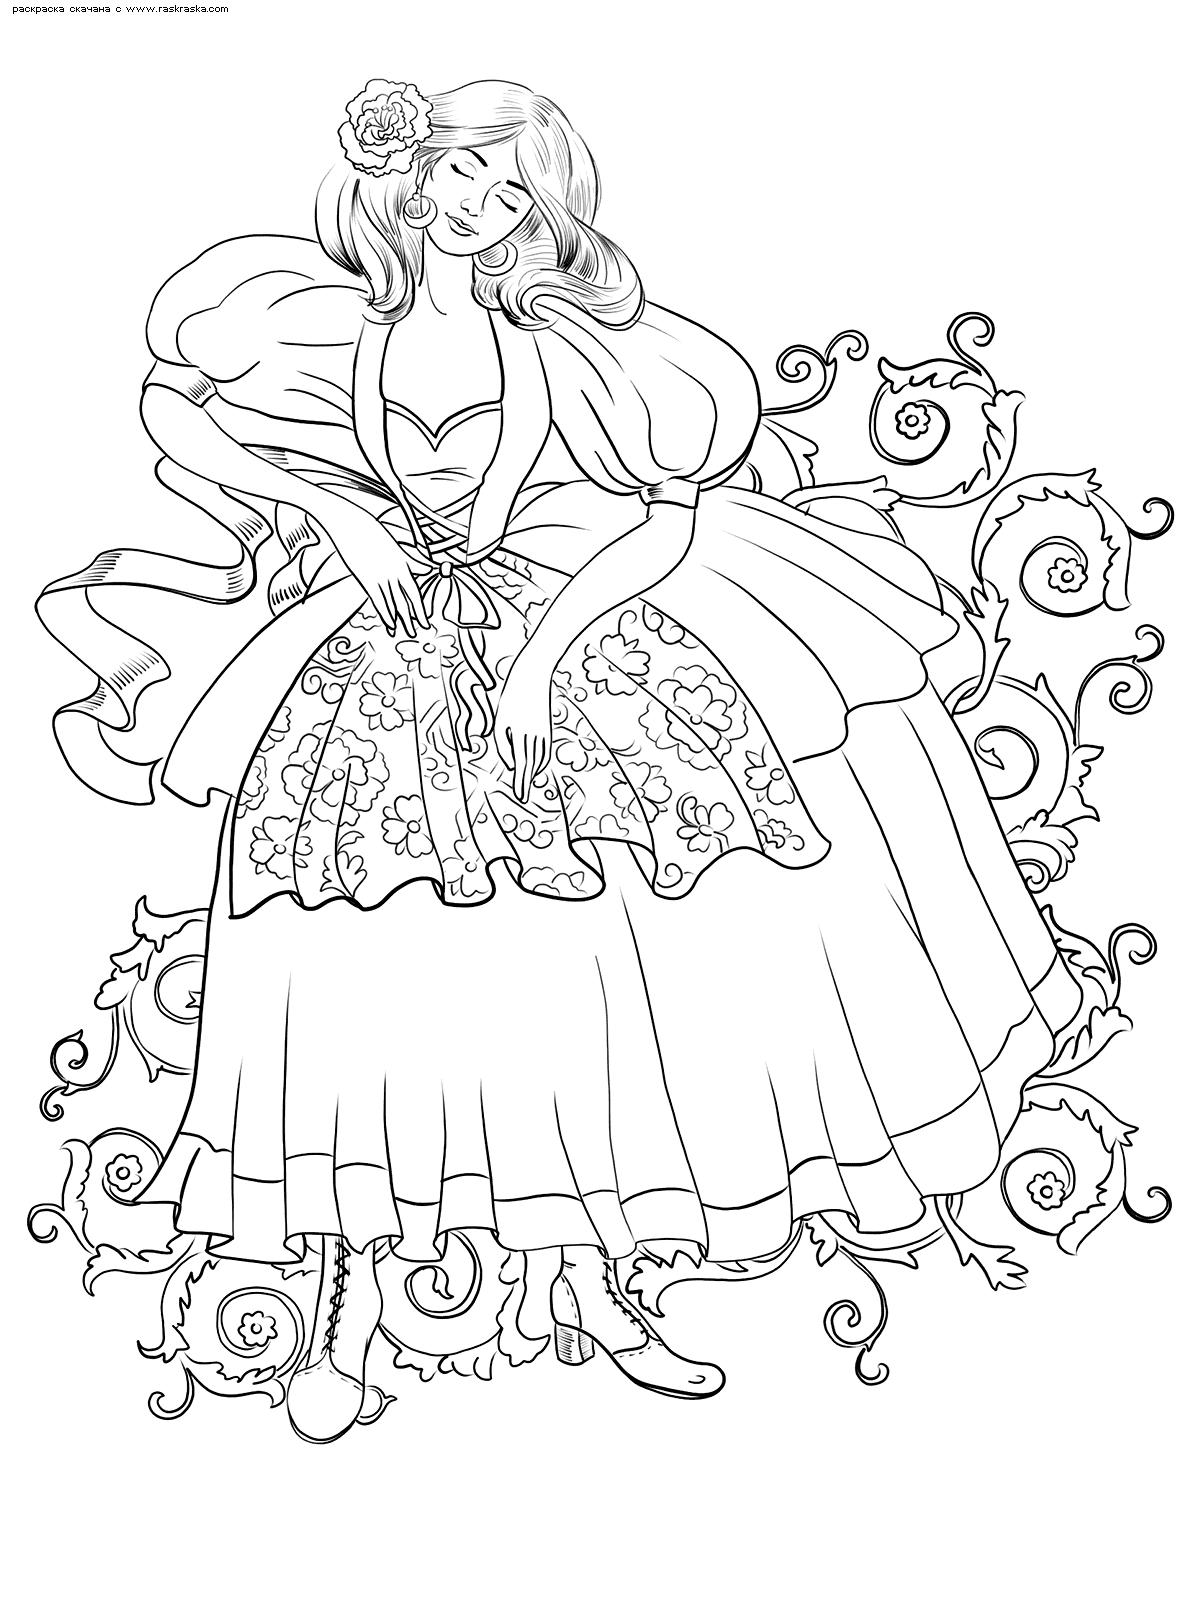 Раскраска Пышное платье. Раскраска антистресс